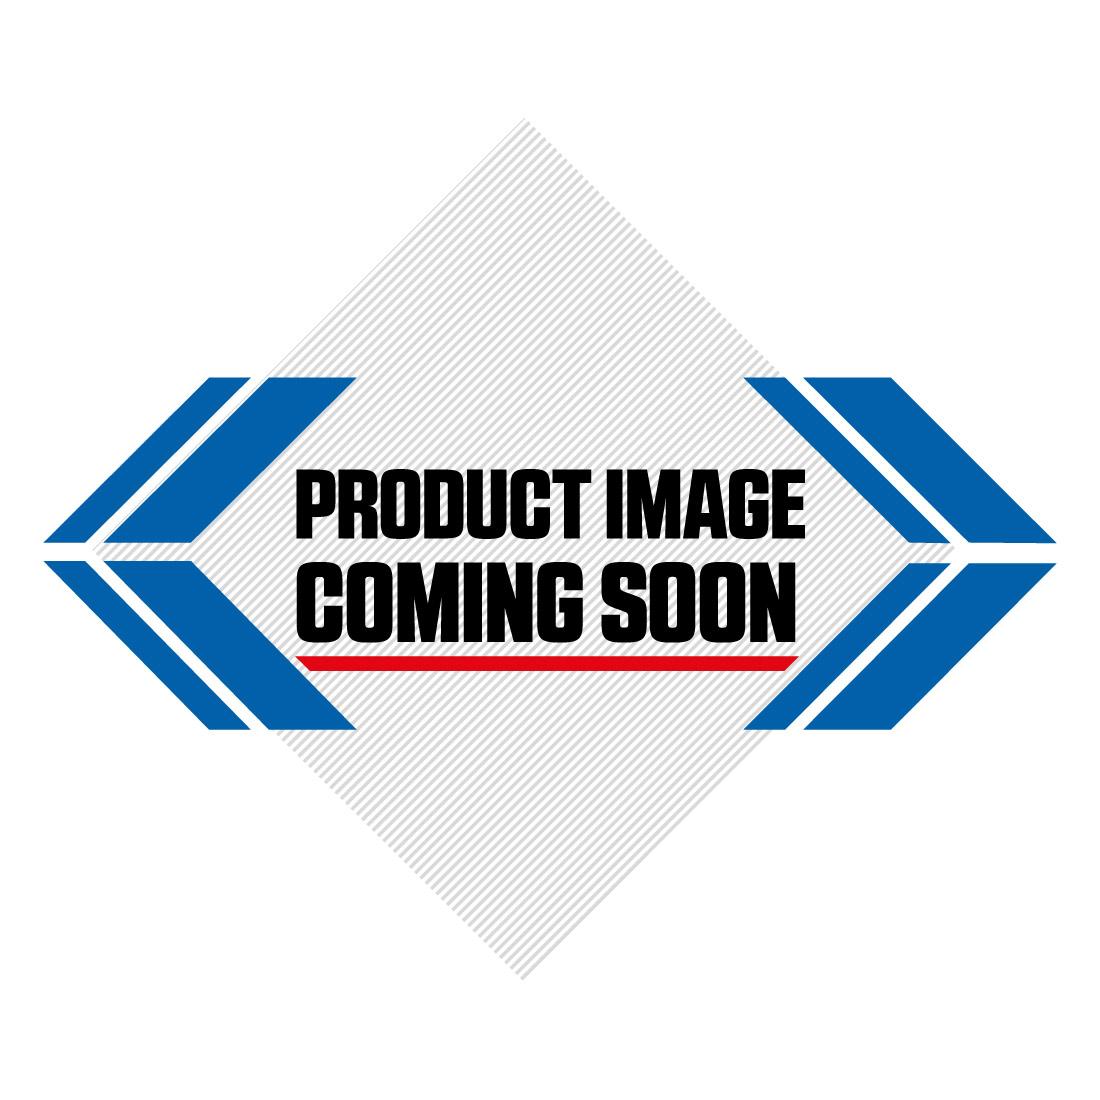 UFO Red White Blue Proton MX Kit Combo Image-2